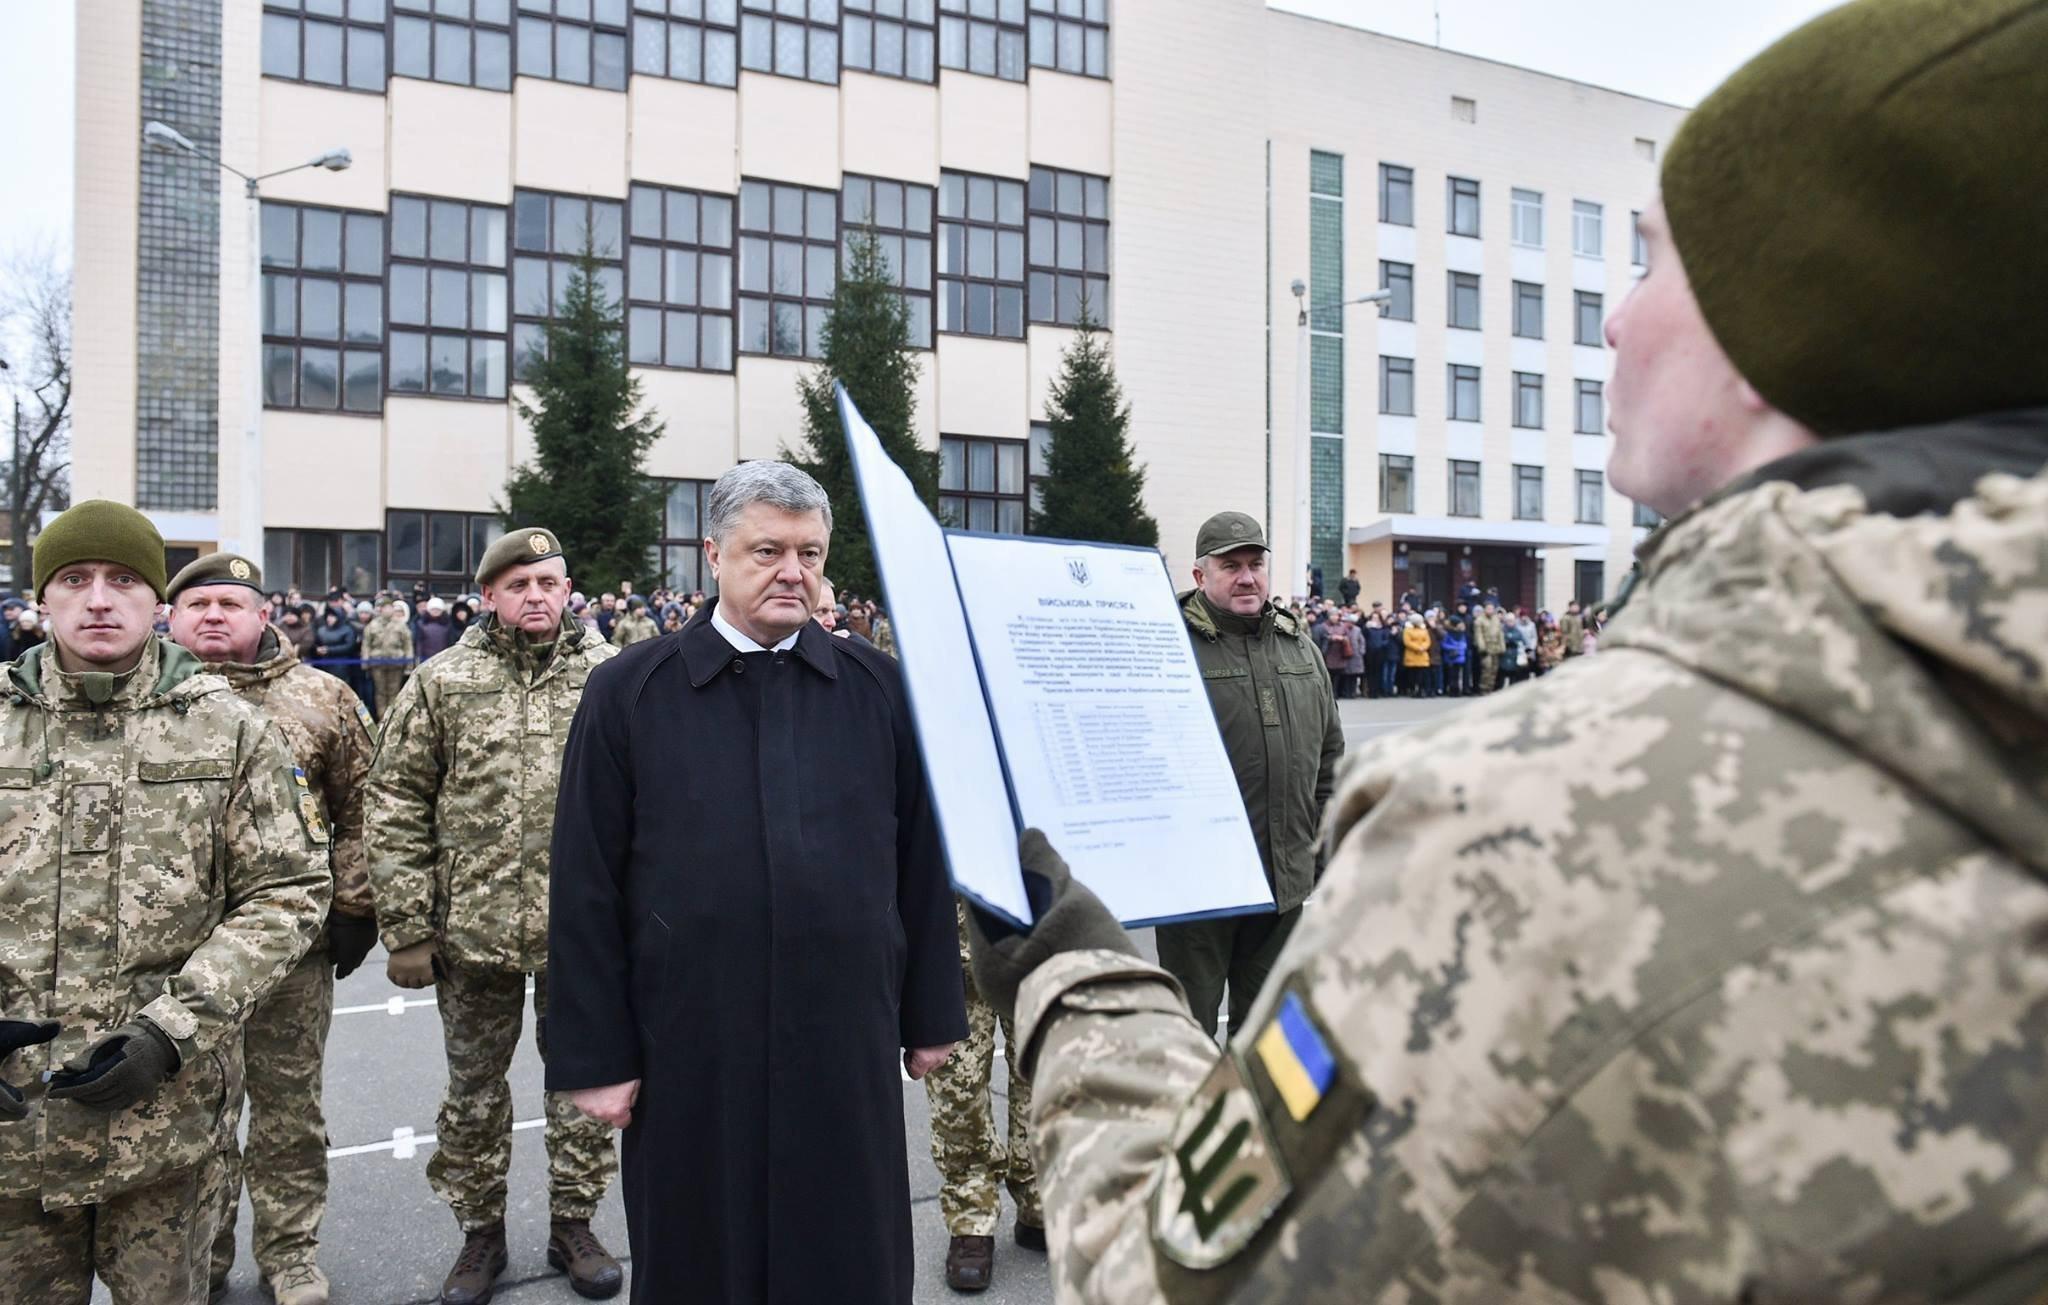 Порошенко: Украина победит вборьбе с русским агрессором